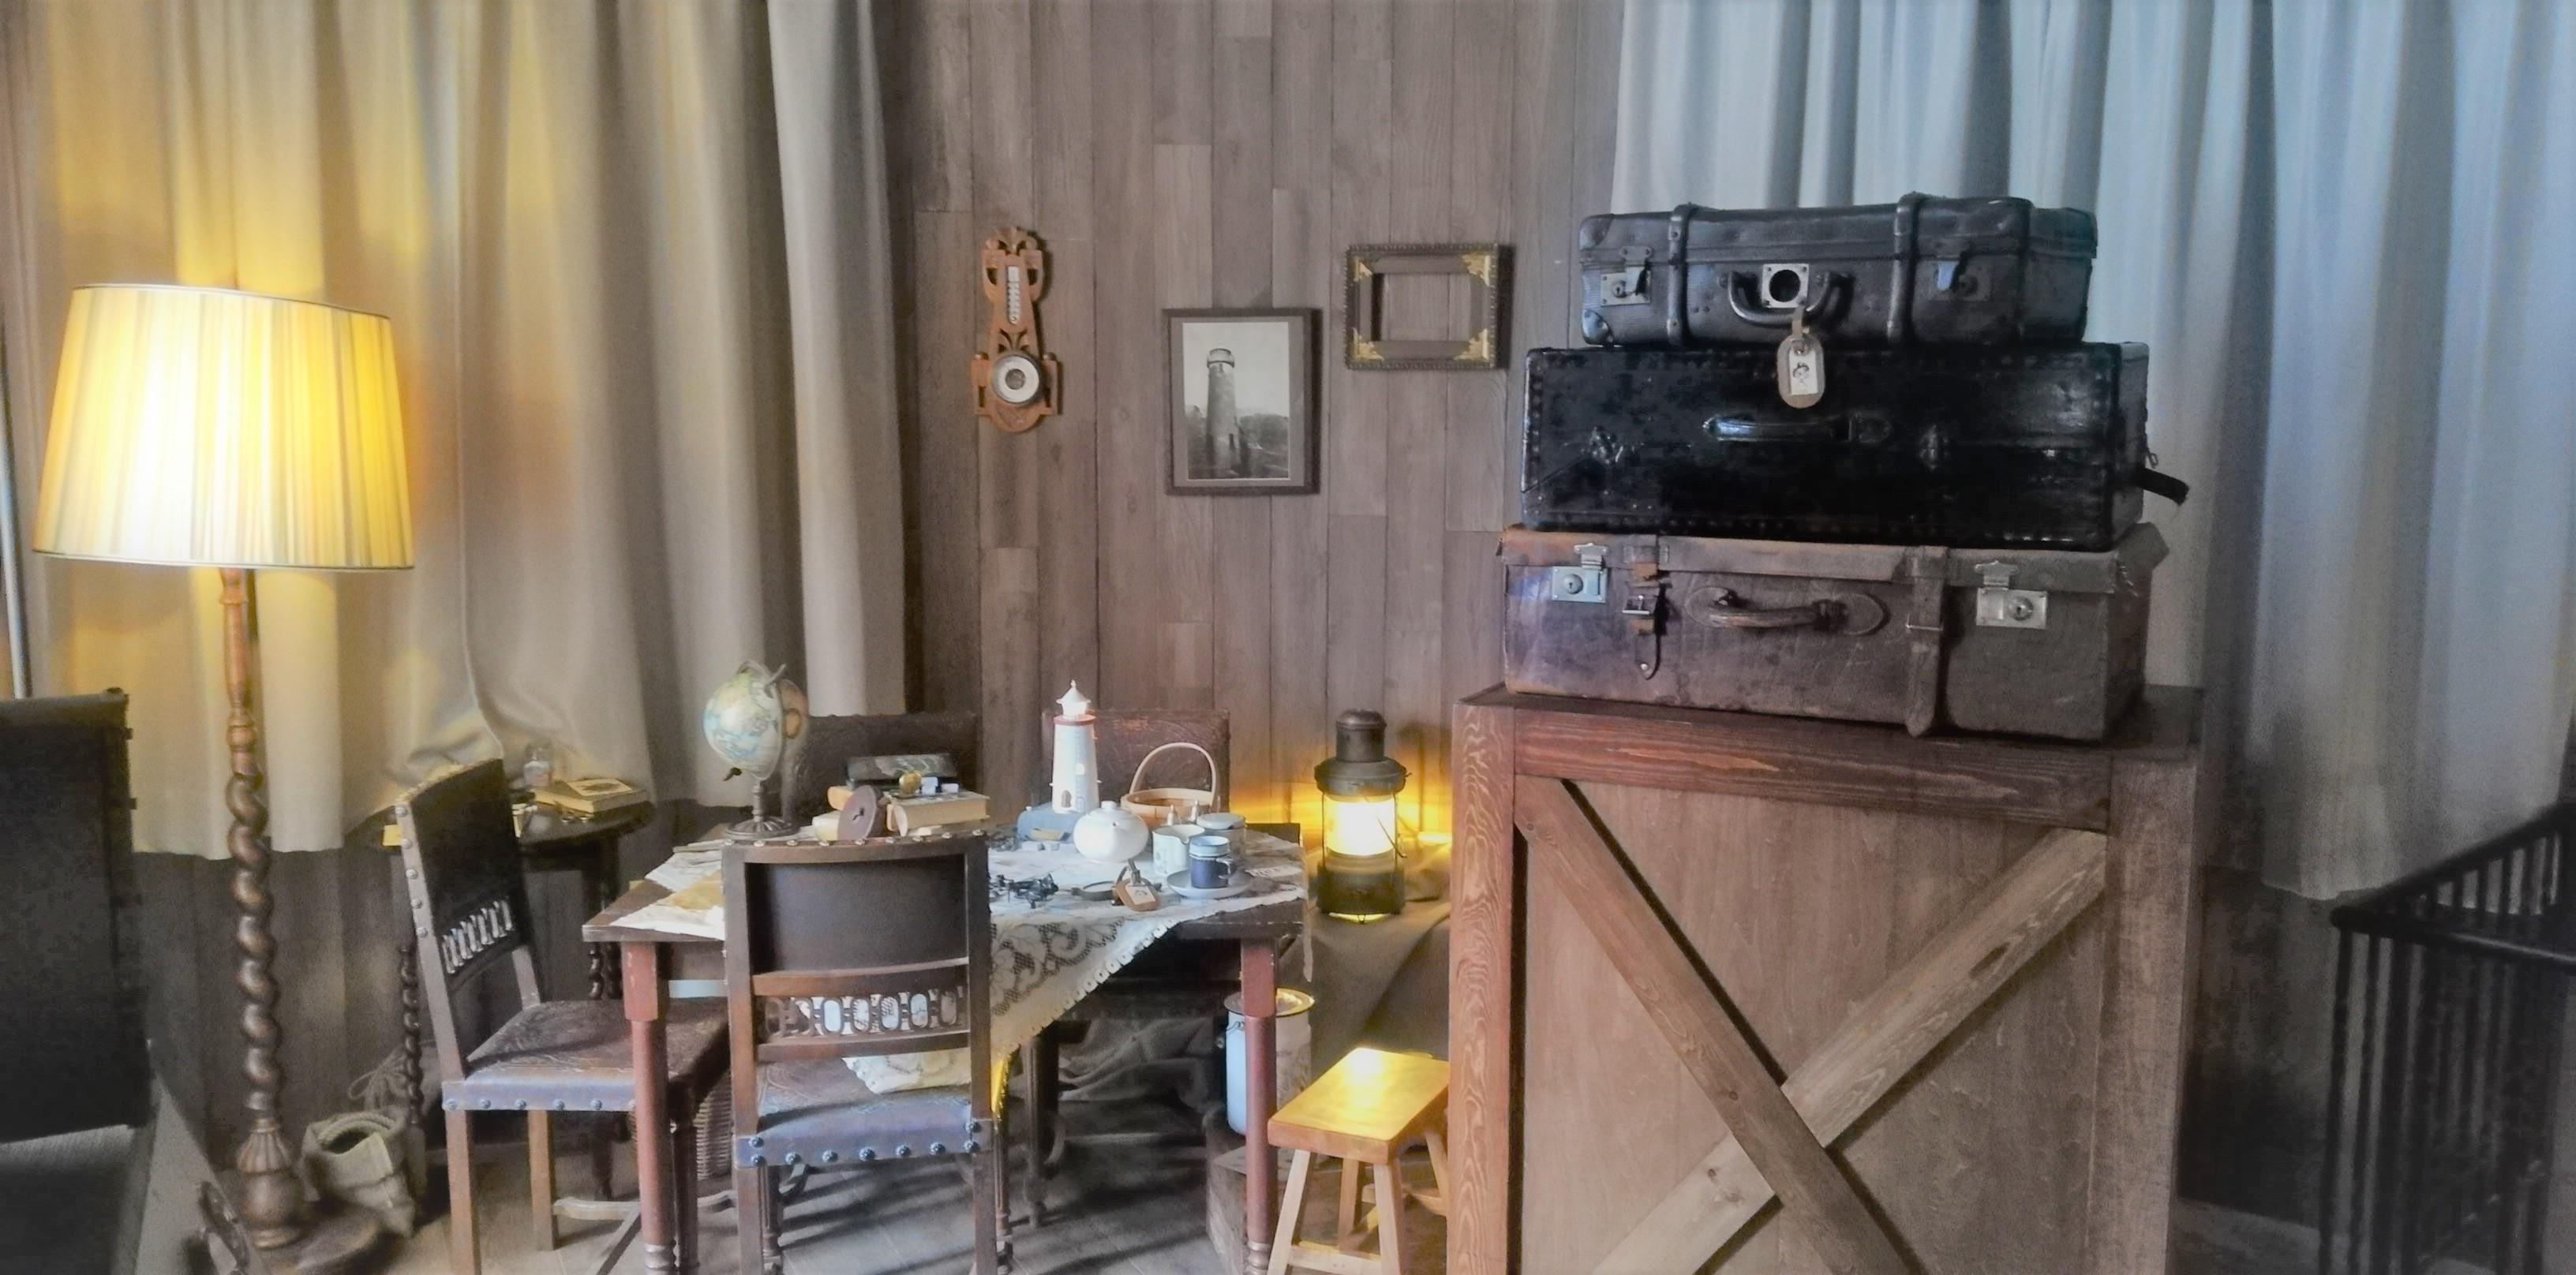 ムーミン屋敷ガイドツアー